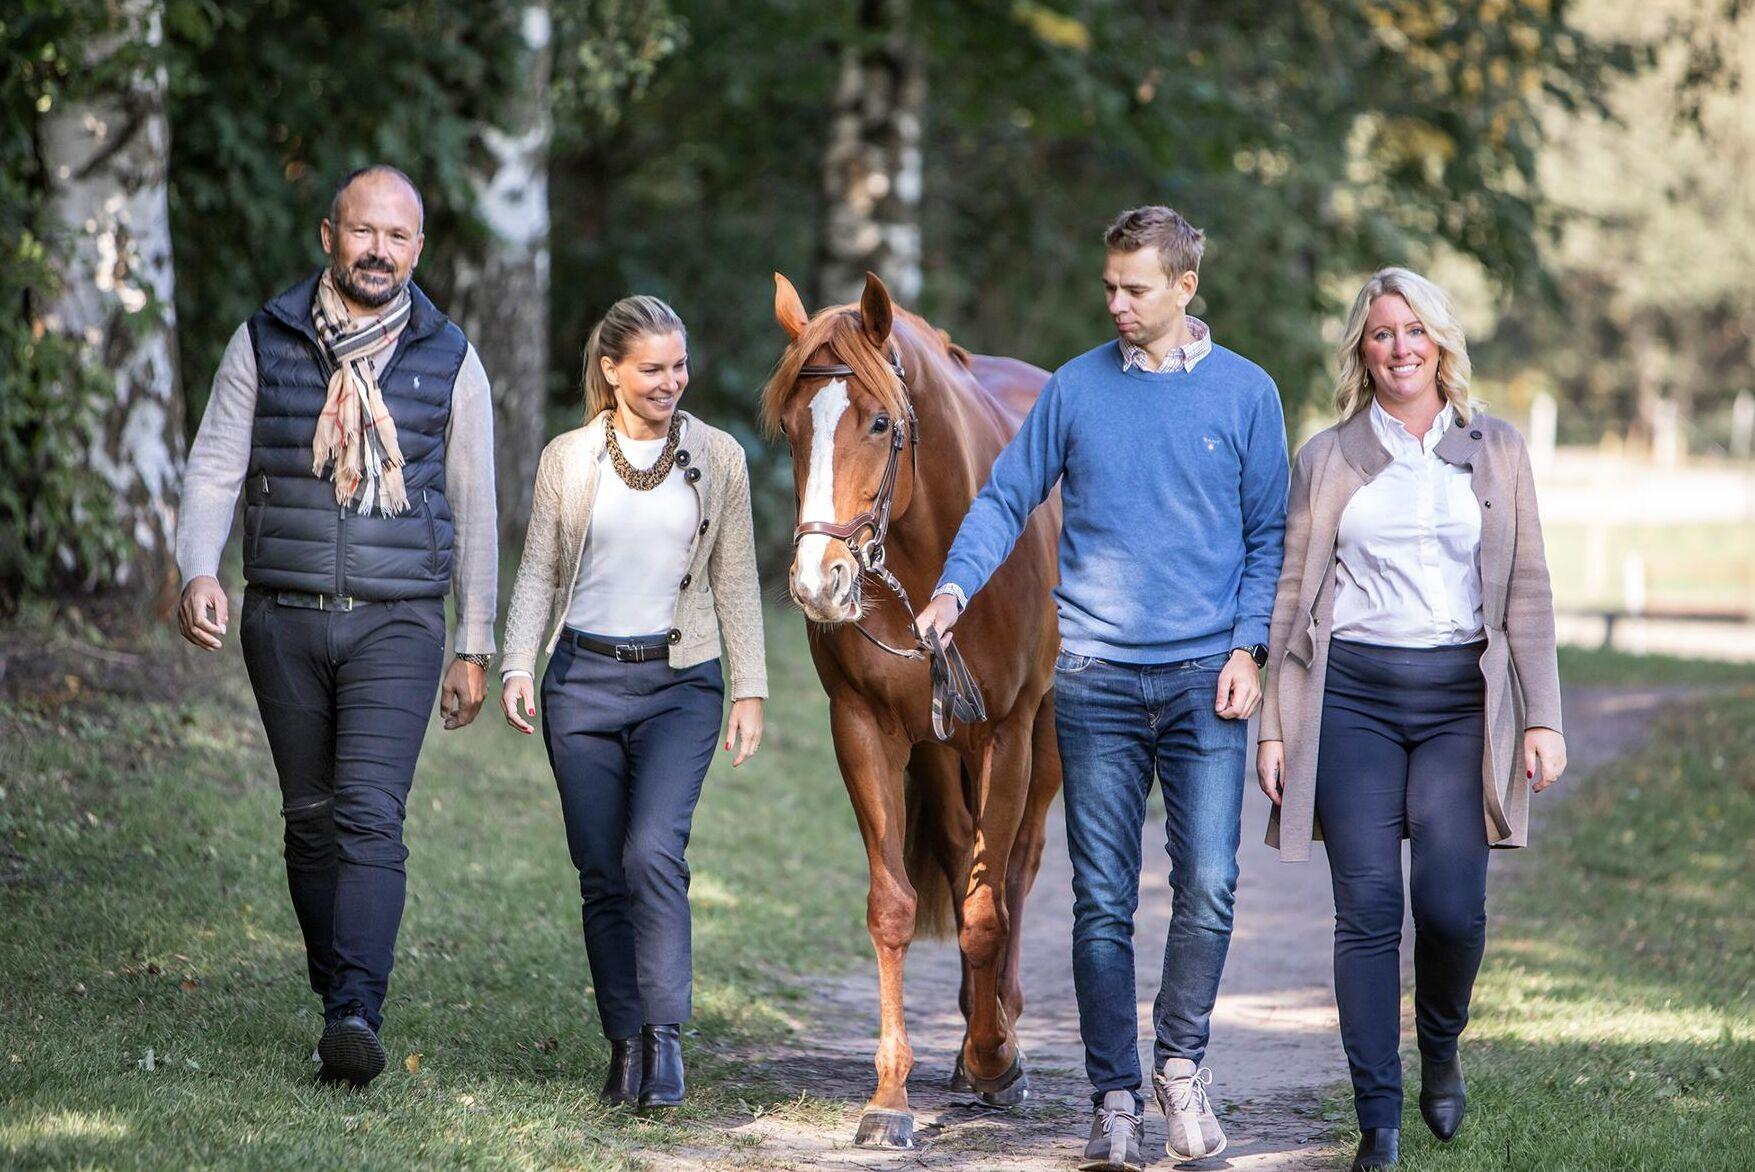 I dag består teamet hos Ridesum av från vänster: Fredric Gunnarson, delägare, Karin Lindell, marknadschef och medgrundare, fälttävlansryttaren Mateusz Dziurla, teknikchef, samt Jenny Stråhle, vd och grundare av Ridesum.